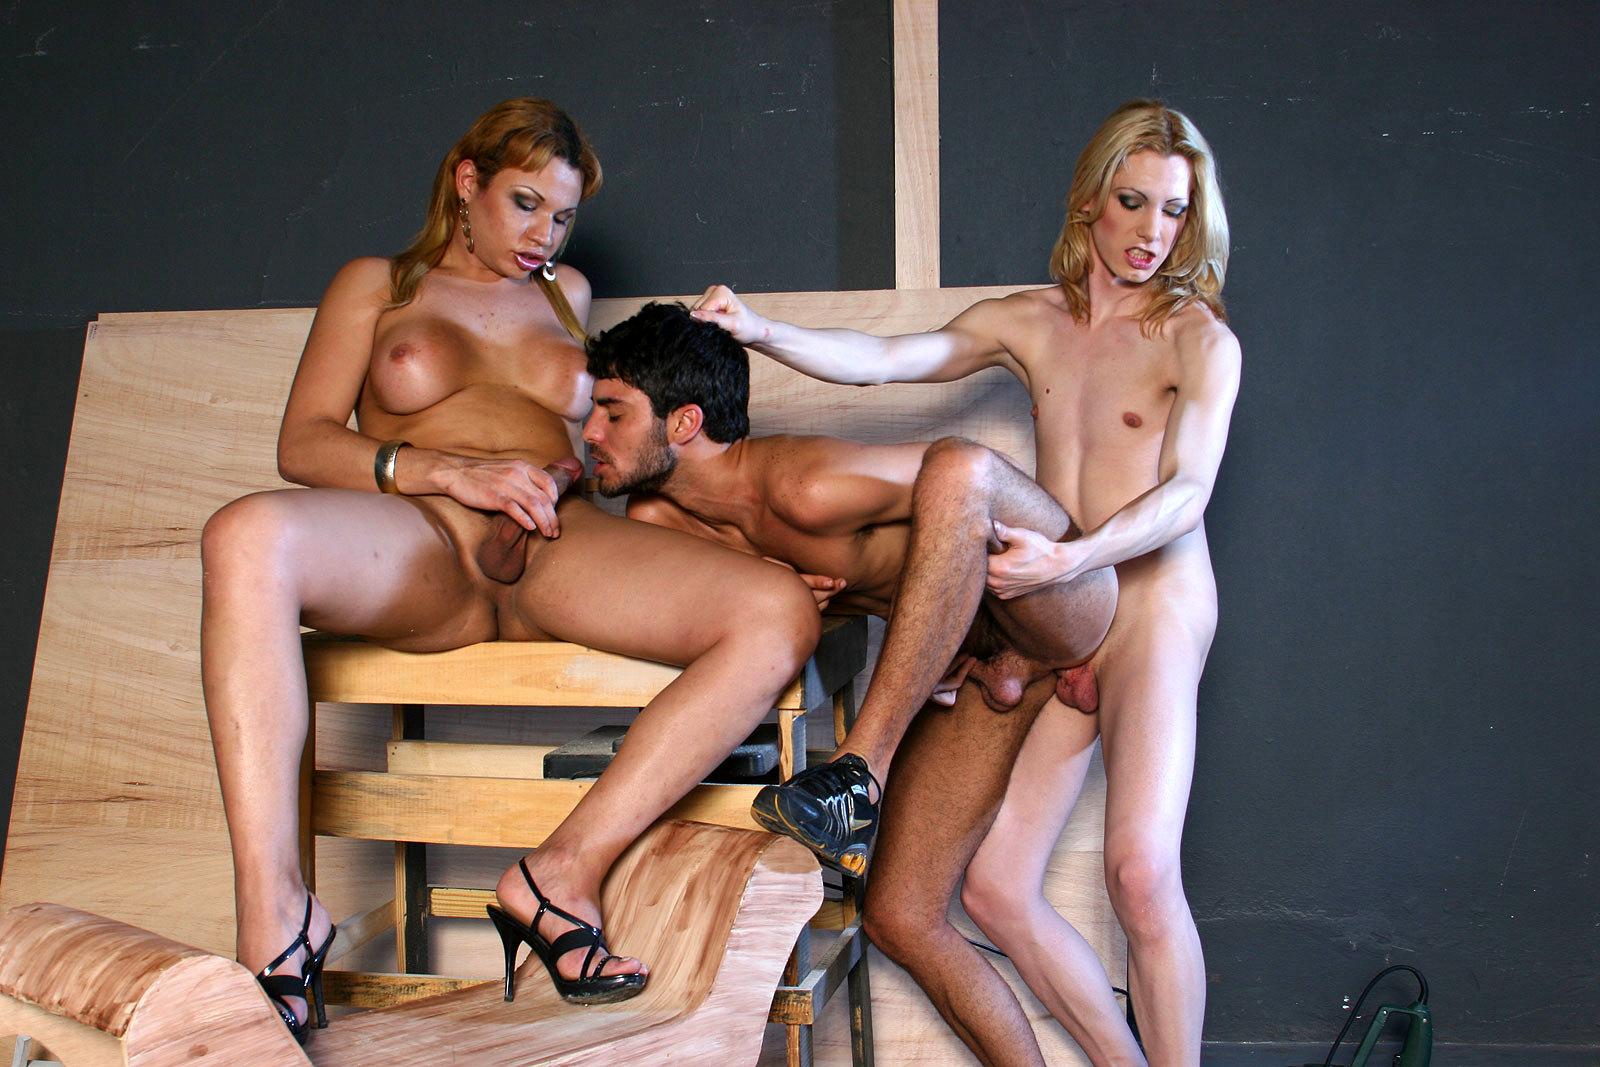 Flirtatious Ladyboys Agatha Mc Cartney And Natalie Prado Double Team